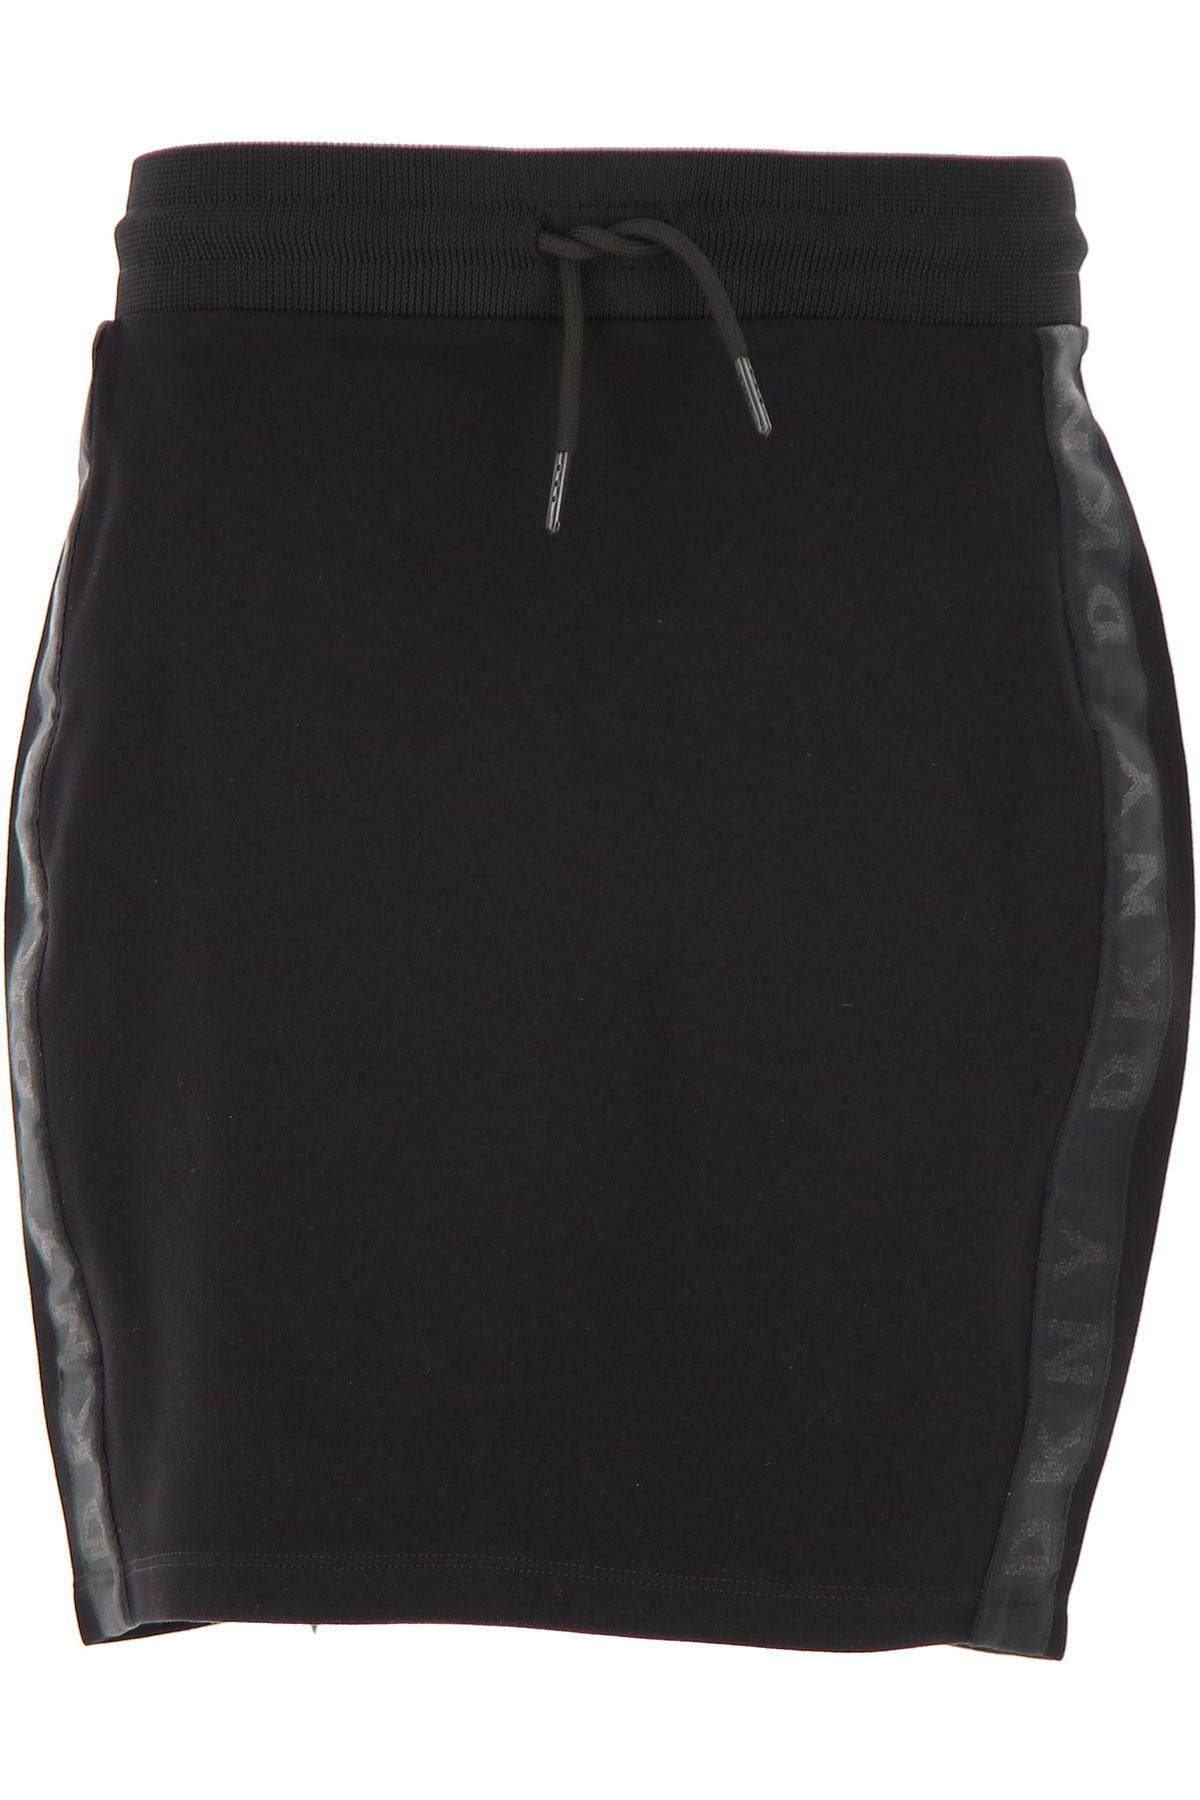 DKNY Kids Skirts for Girls On Sale, Black, viscosa, 2019, 12Y 14Y 16Y 8Y